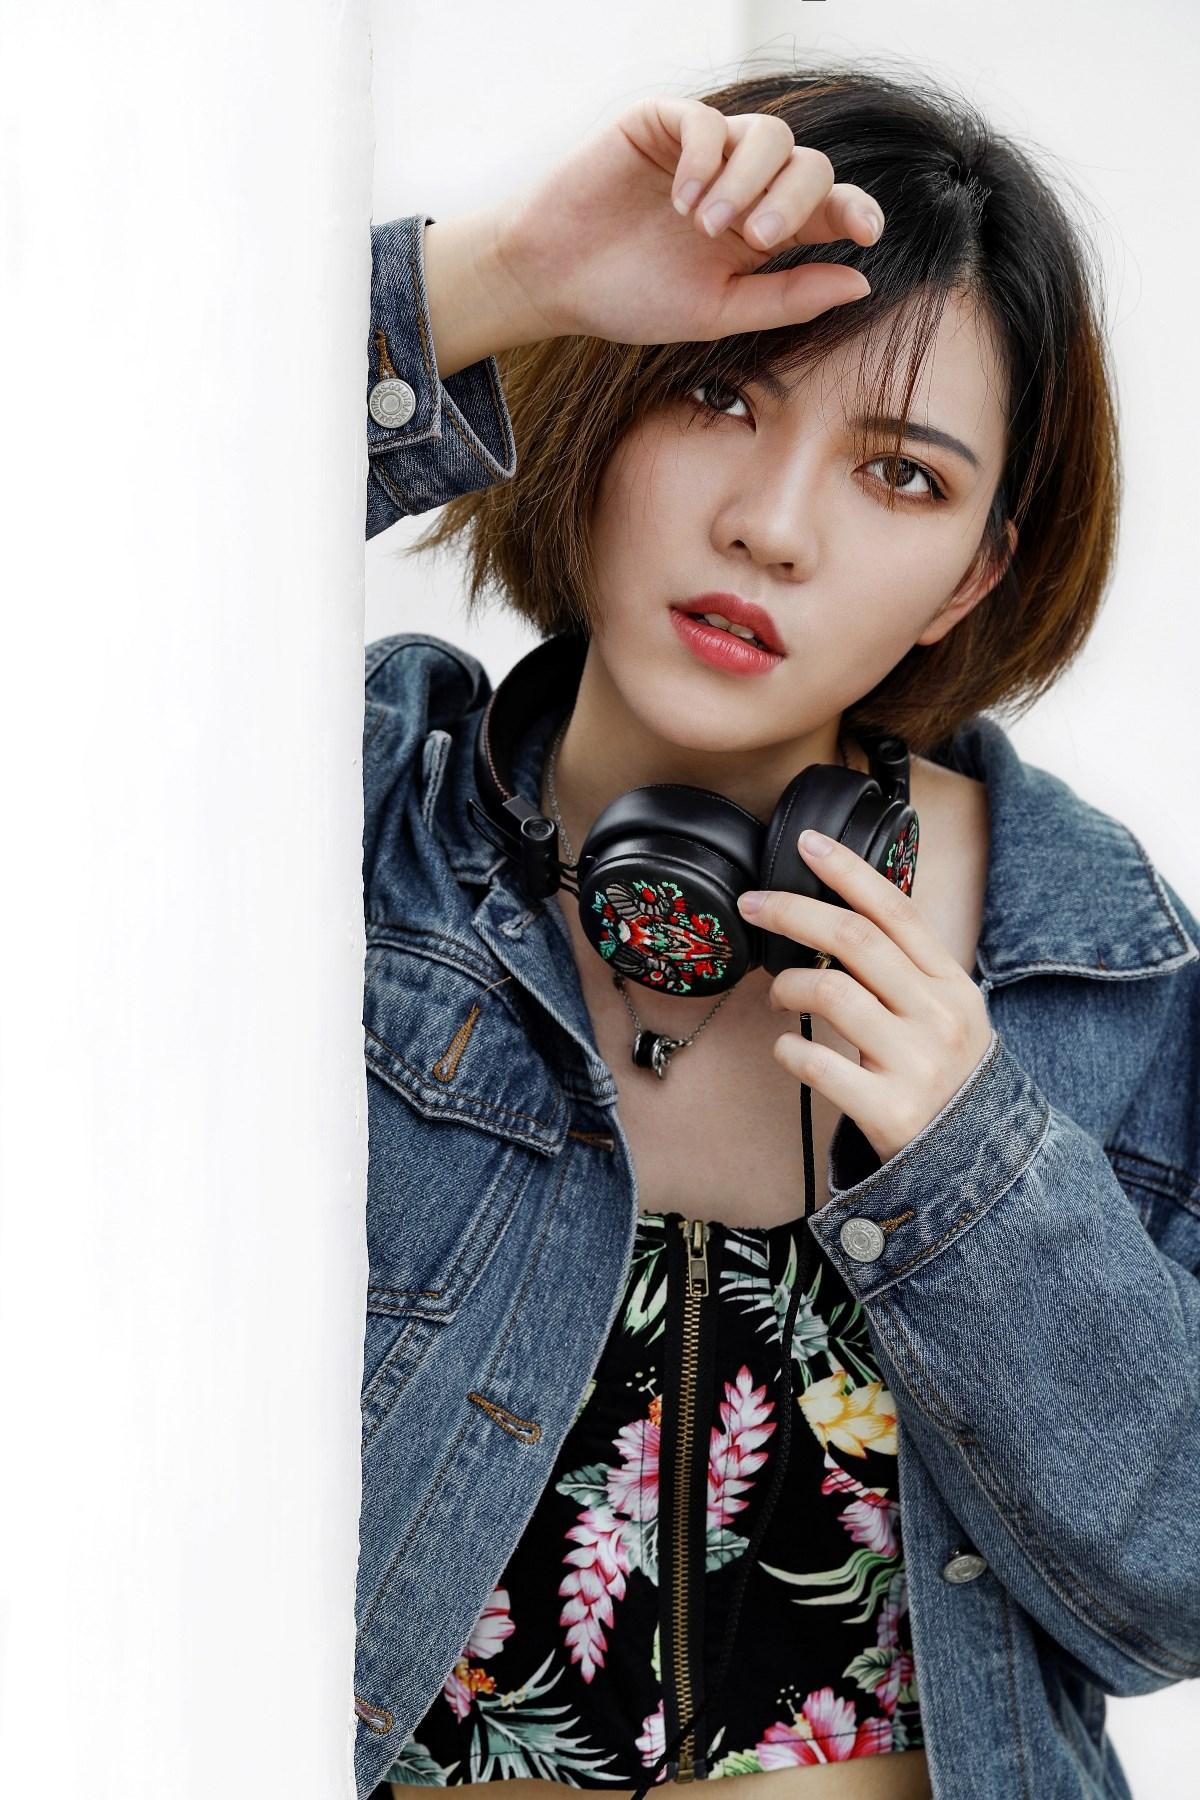 巫.号角系列   刺绣潮流耳机  定制音乐耳机  复古皮革耳机